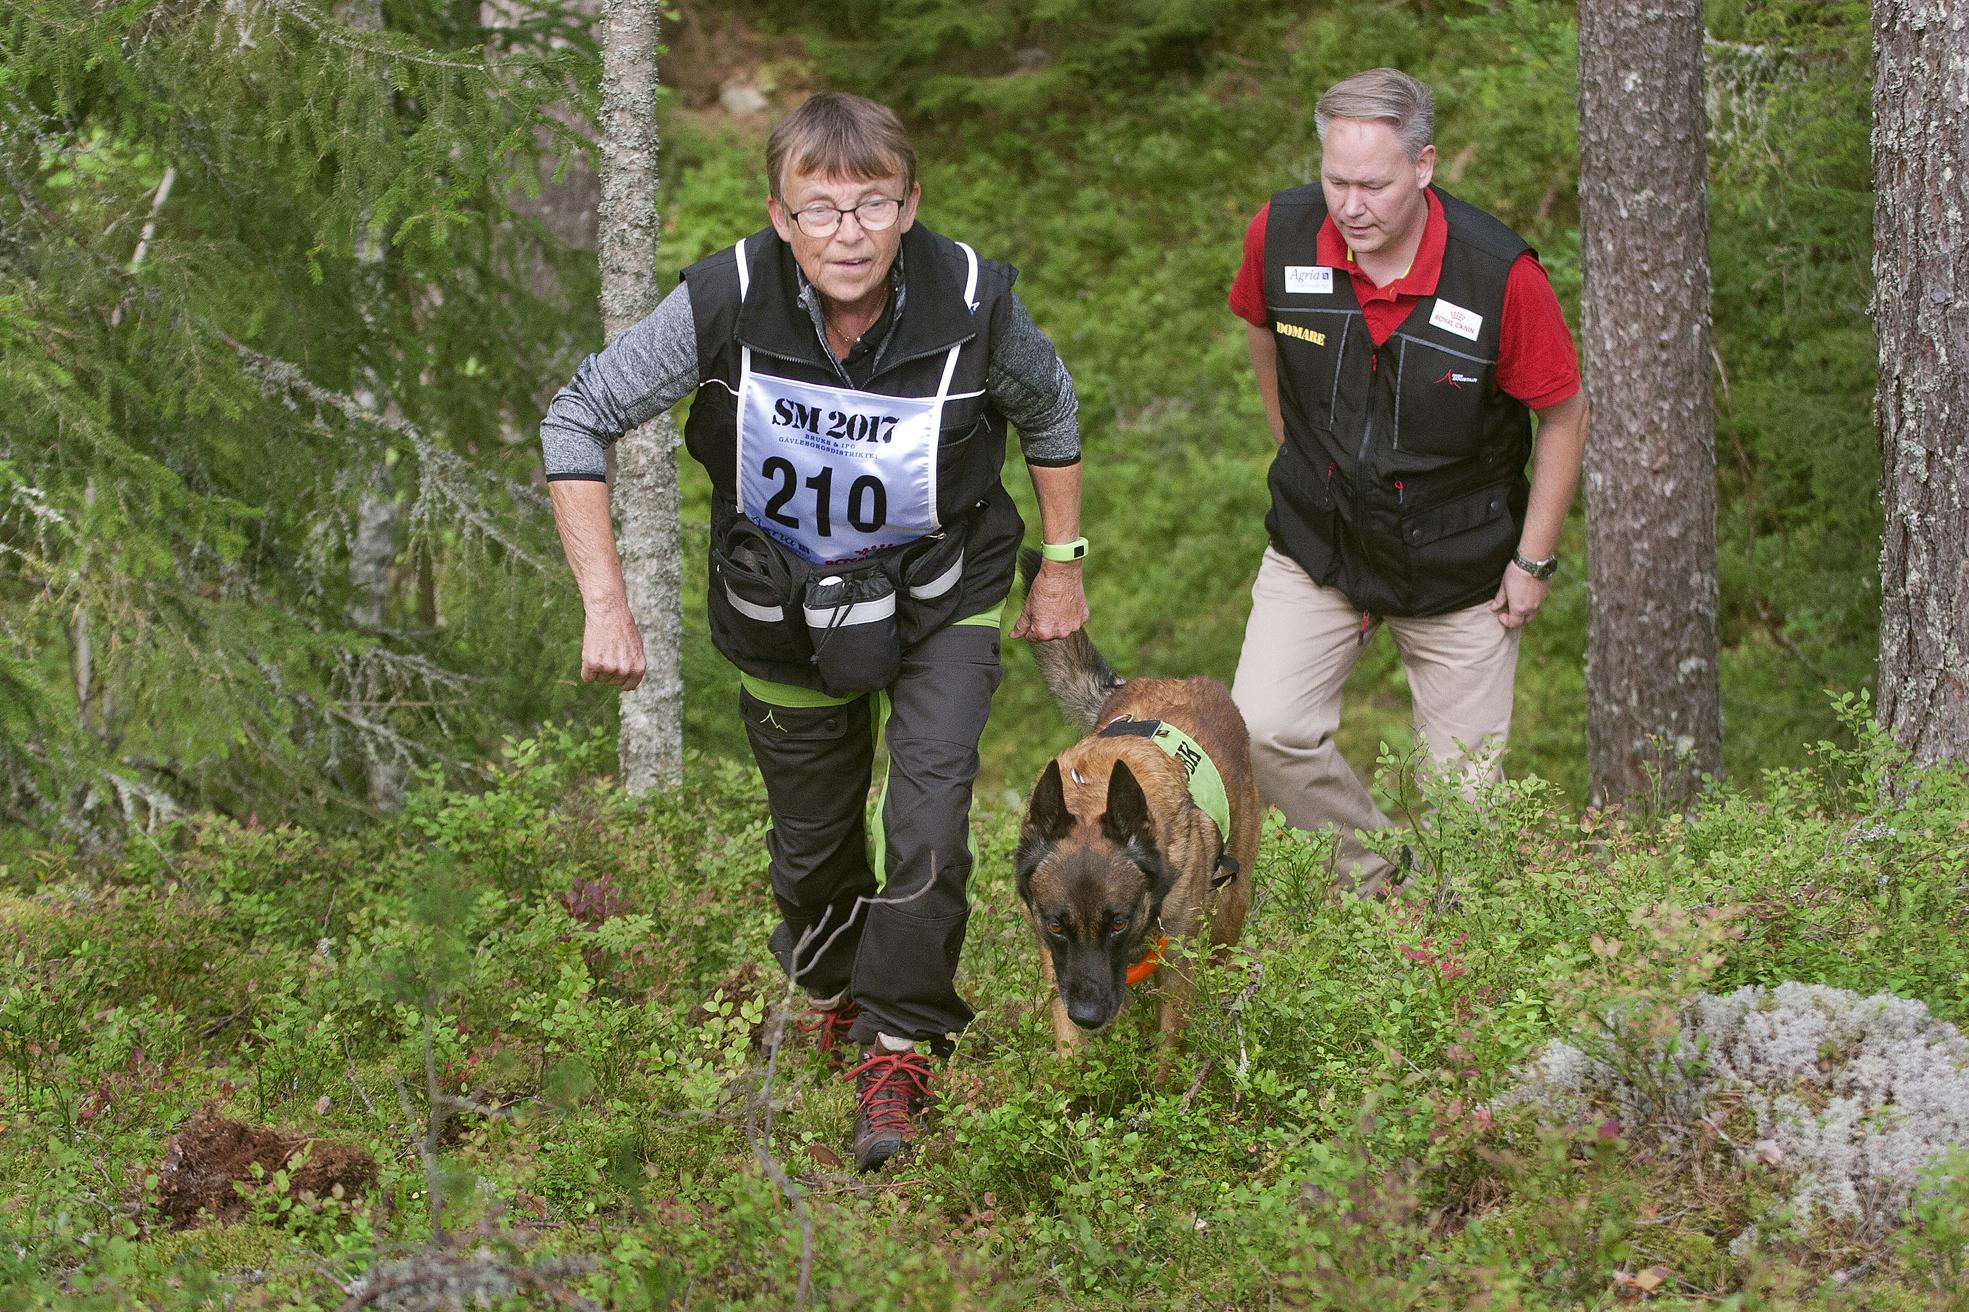 Marianne Nilson och Lei-Anns Doris har precis hittat en figurant och är på väg tillbaka till stigen. Efter dem följer domare Tomas Karlsson.